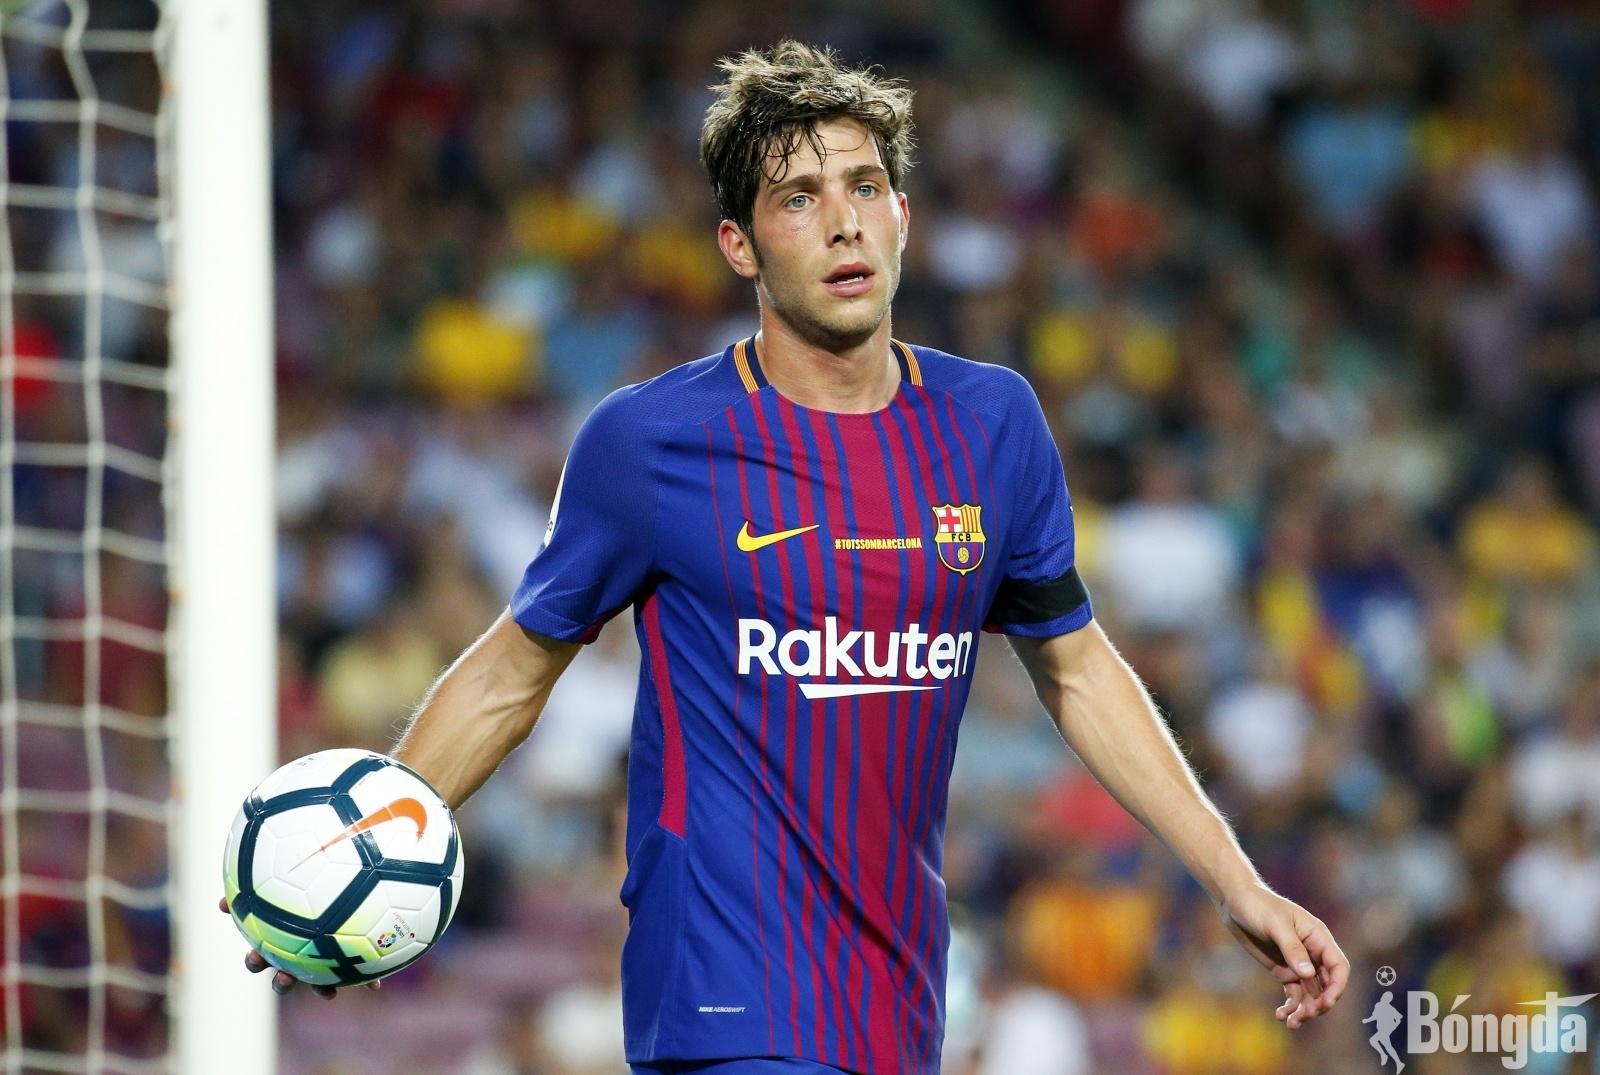 Chuyển nhượng nổi bật La Liga 20/21: Barca gấp rút thanh lý dàn cầu thủ